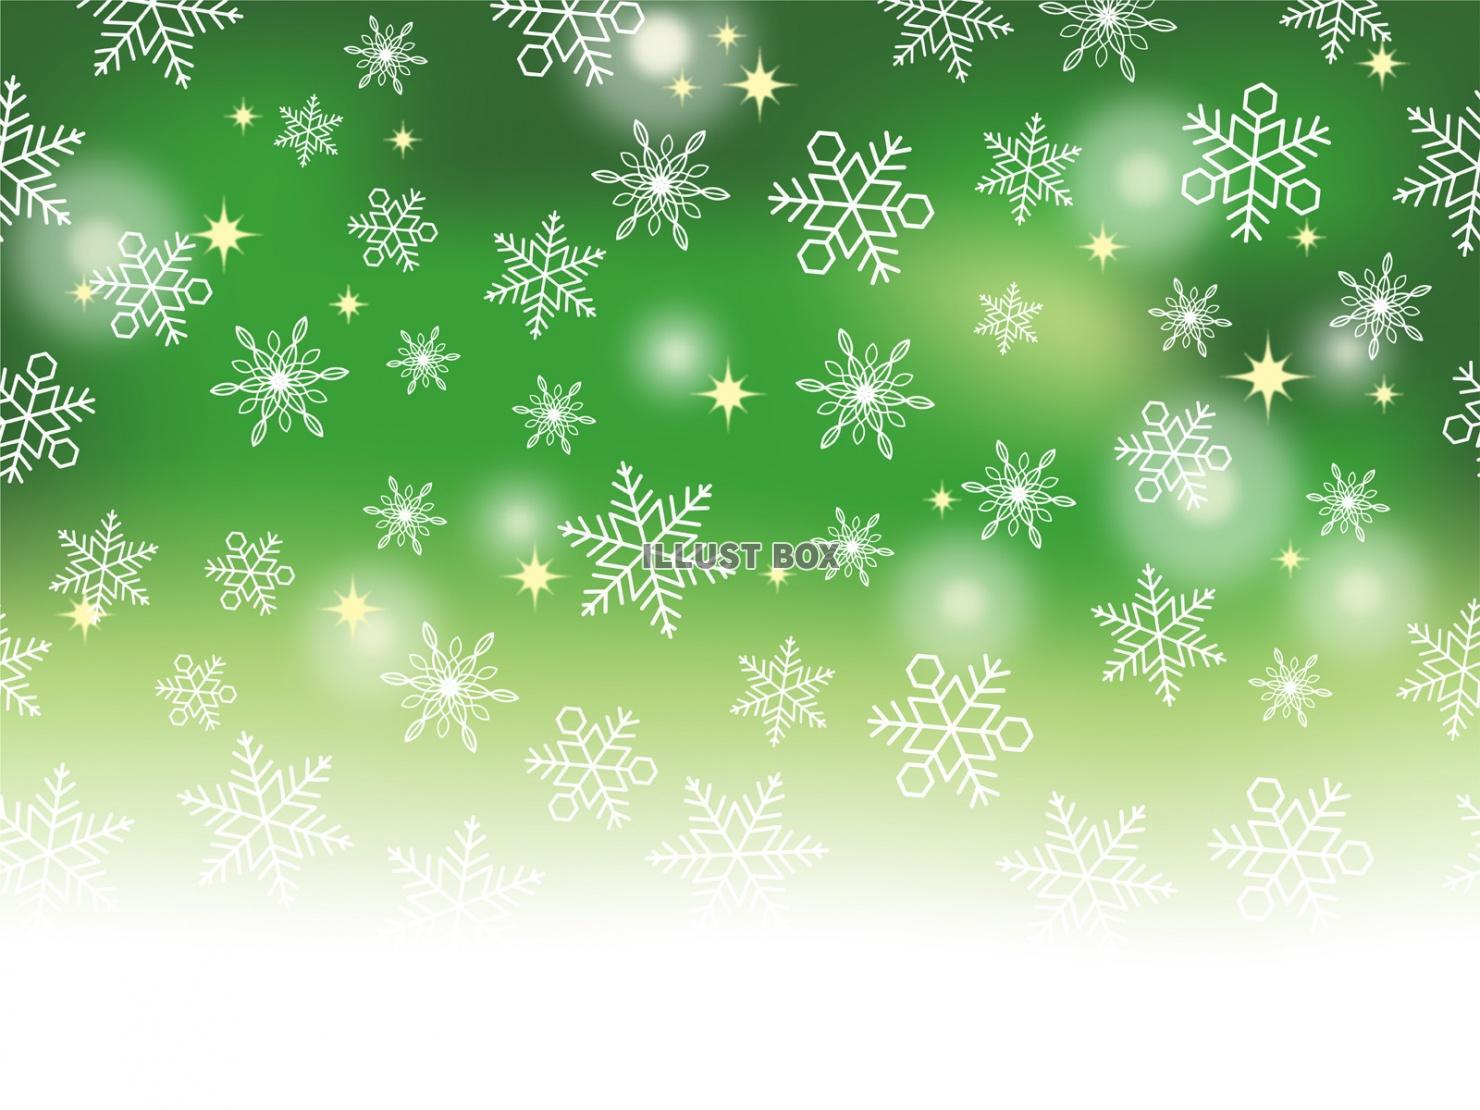 無料イラスト シームレスな雪の背景 グリーン